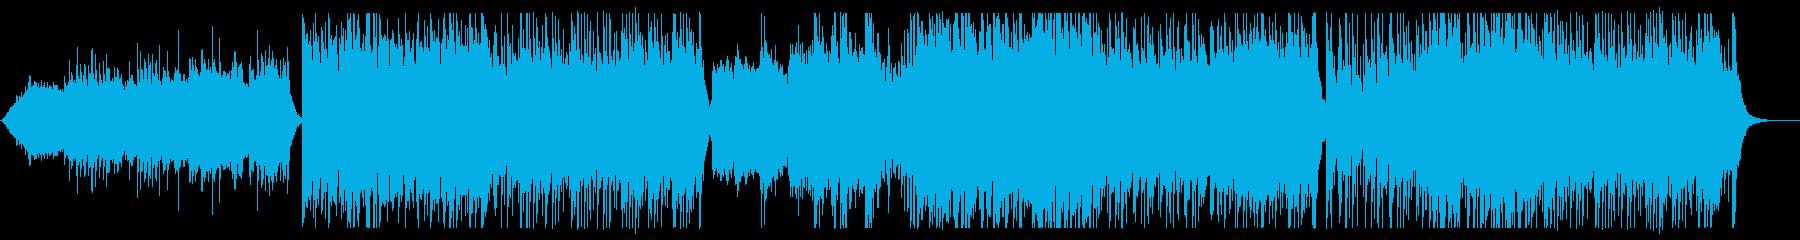 迫力のある和風の弦管楽器のサウンドの再生済みの波形